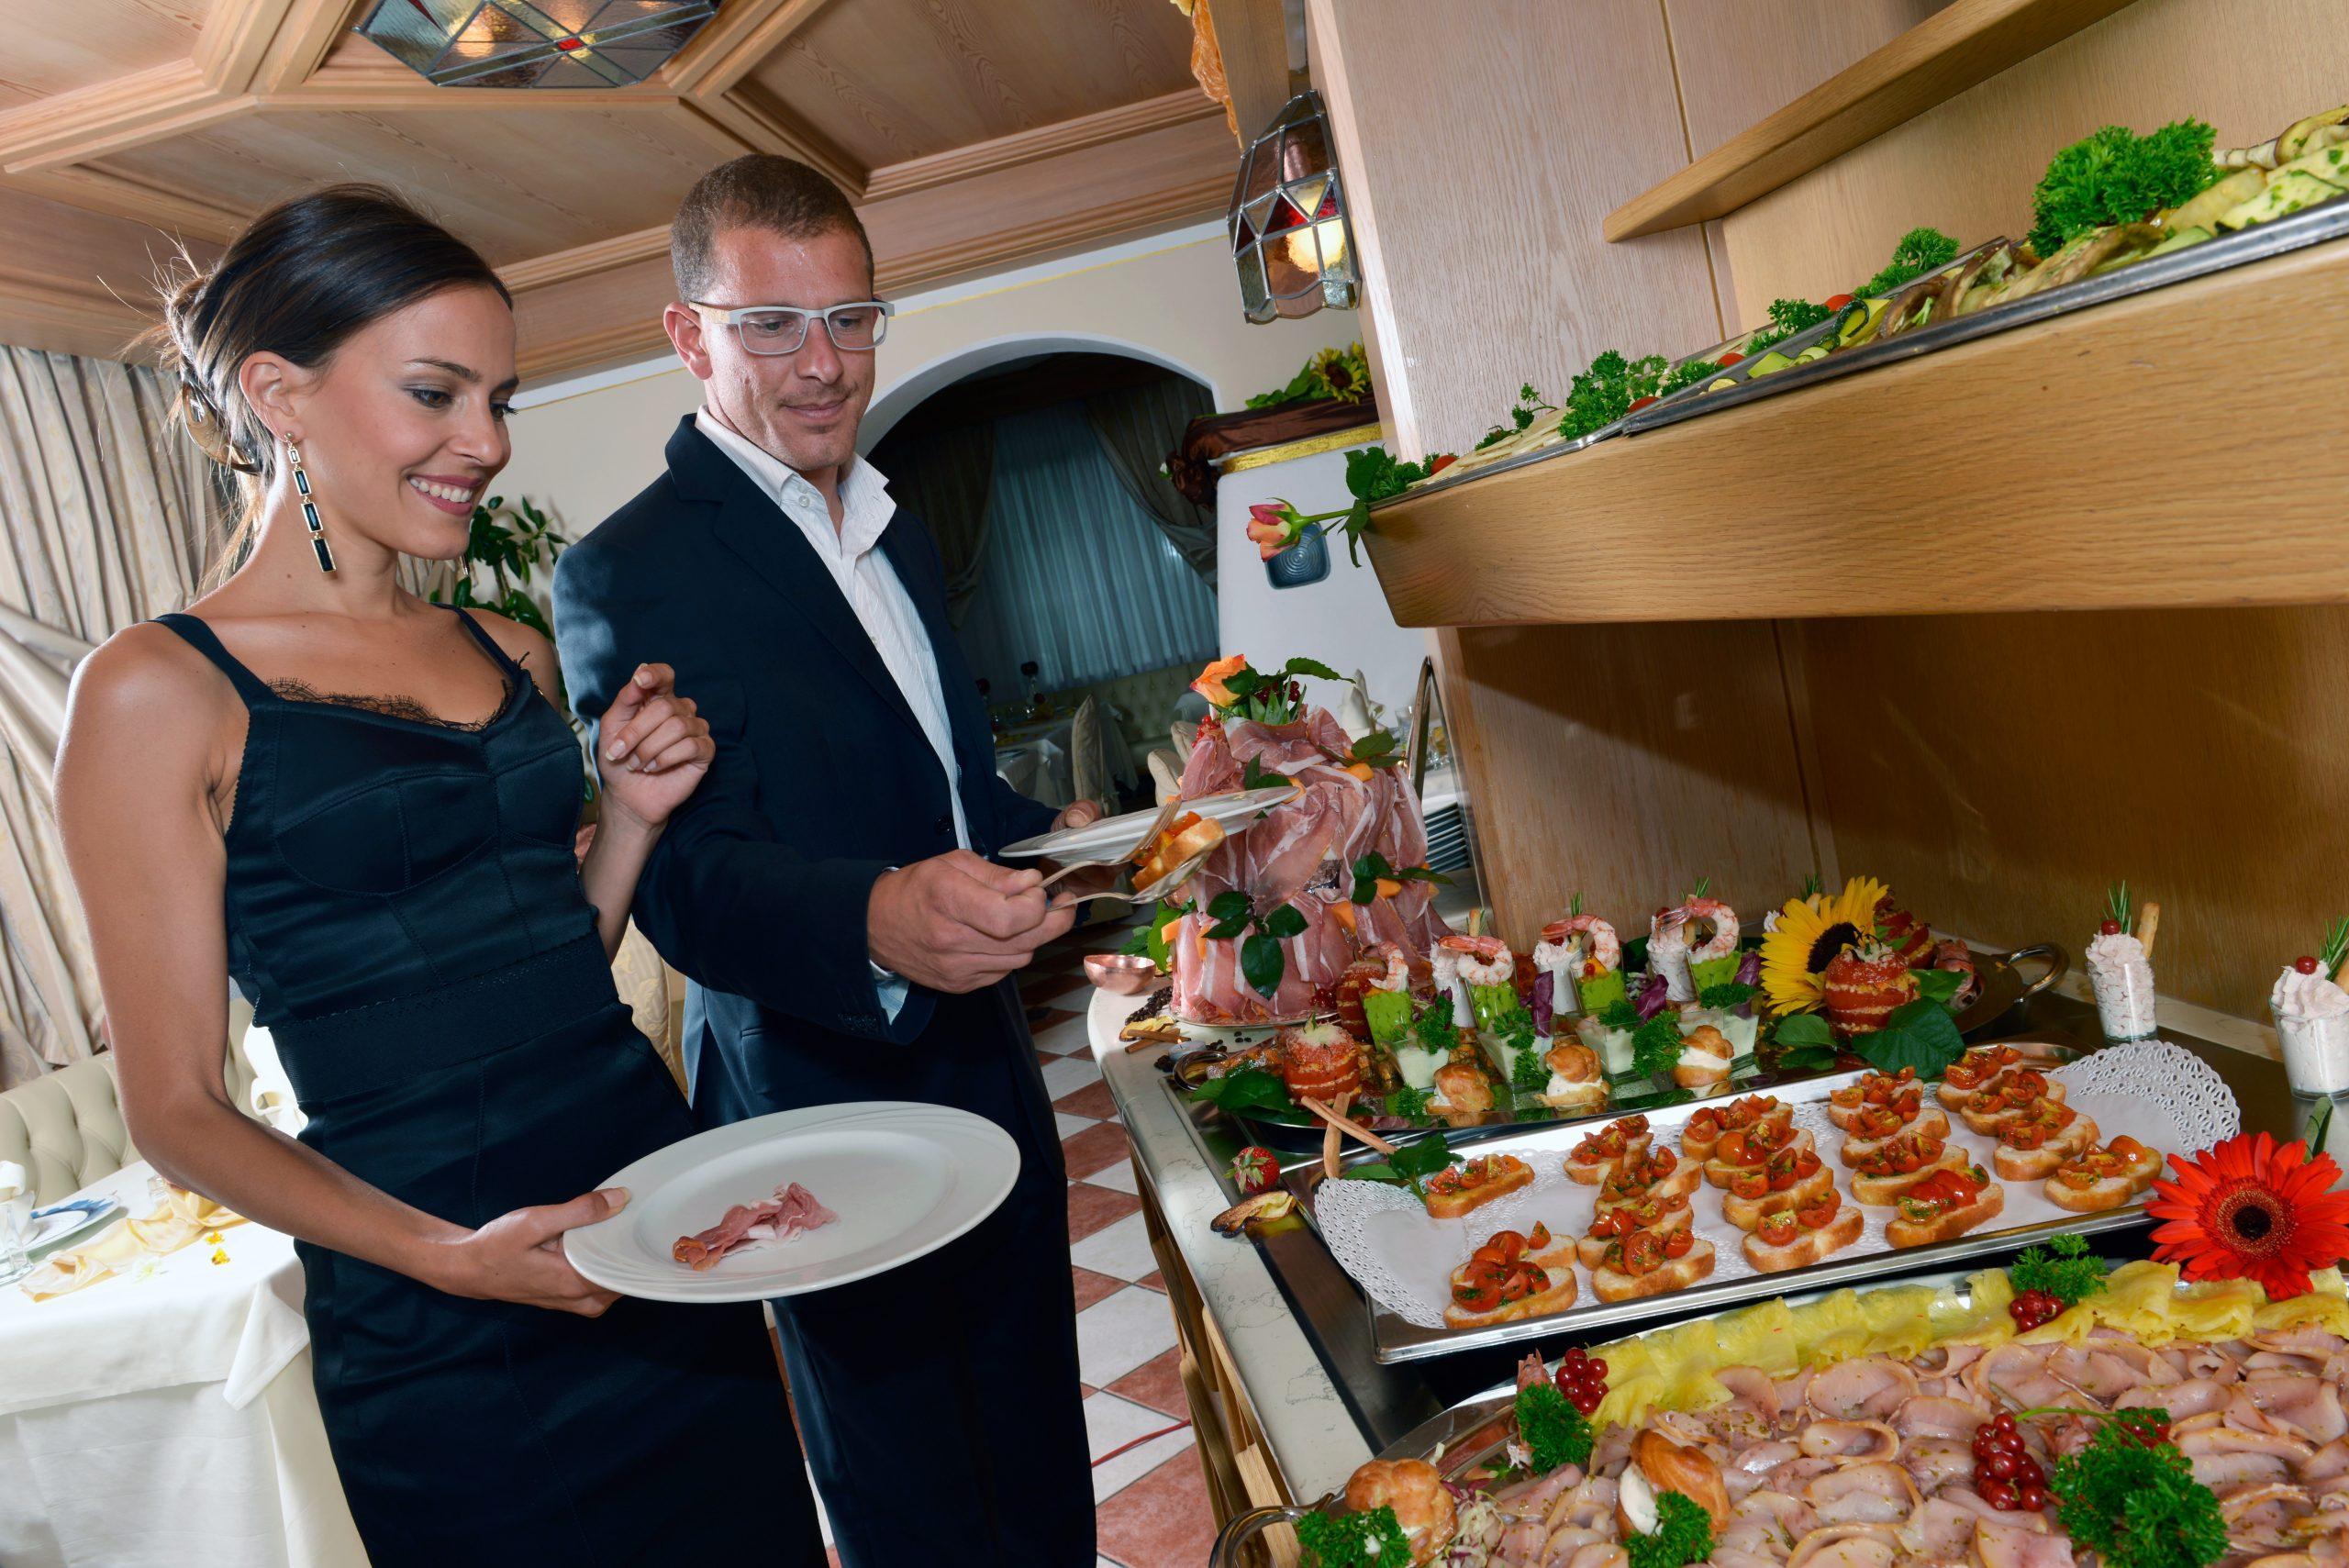 Ristororante Val di Fassa colozione alle Alpi, ristorante Moena Trentino Val di Fassa